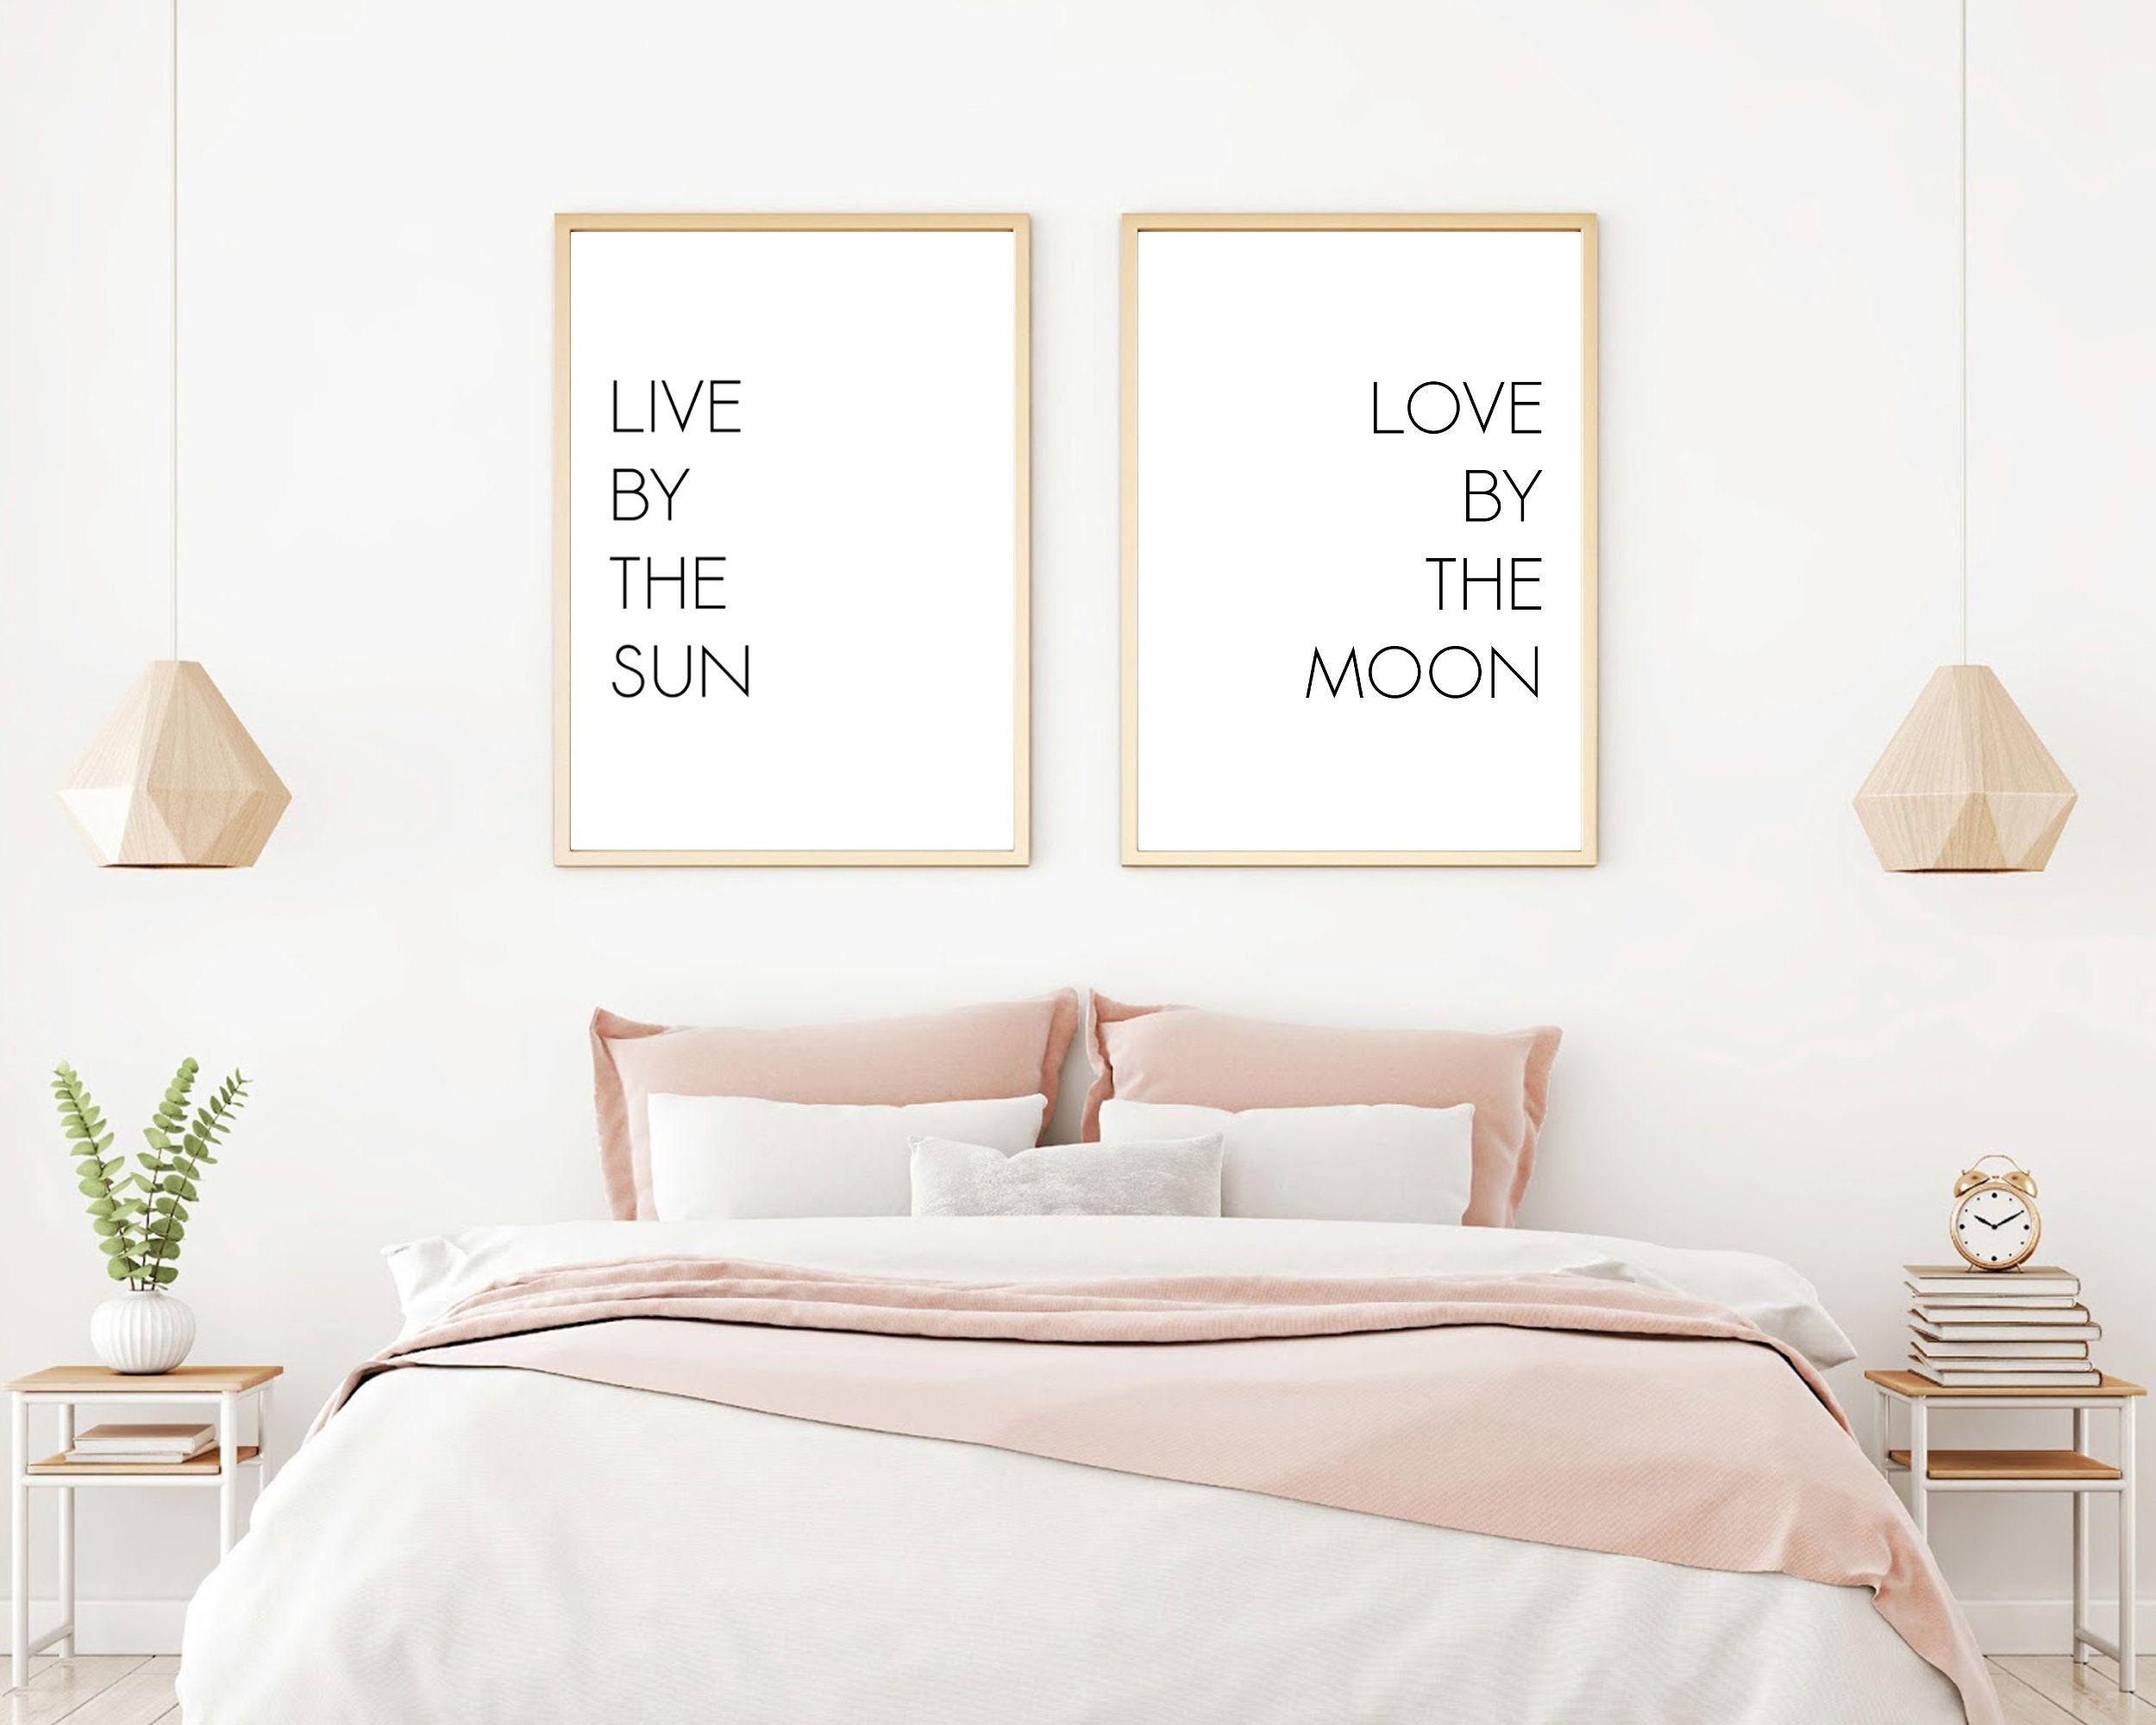 Это модно: цитаты на постерах [какую надпись выбрать, как оформить]